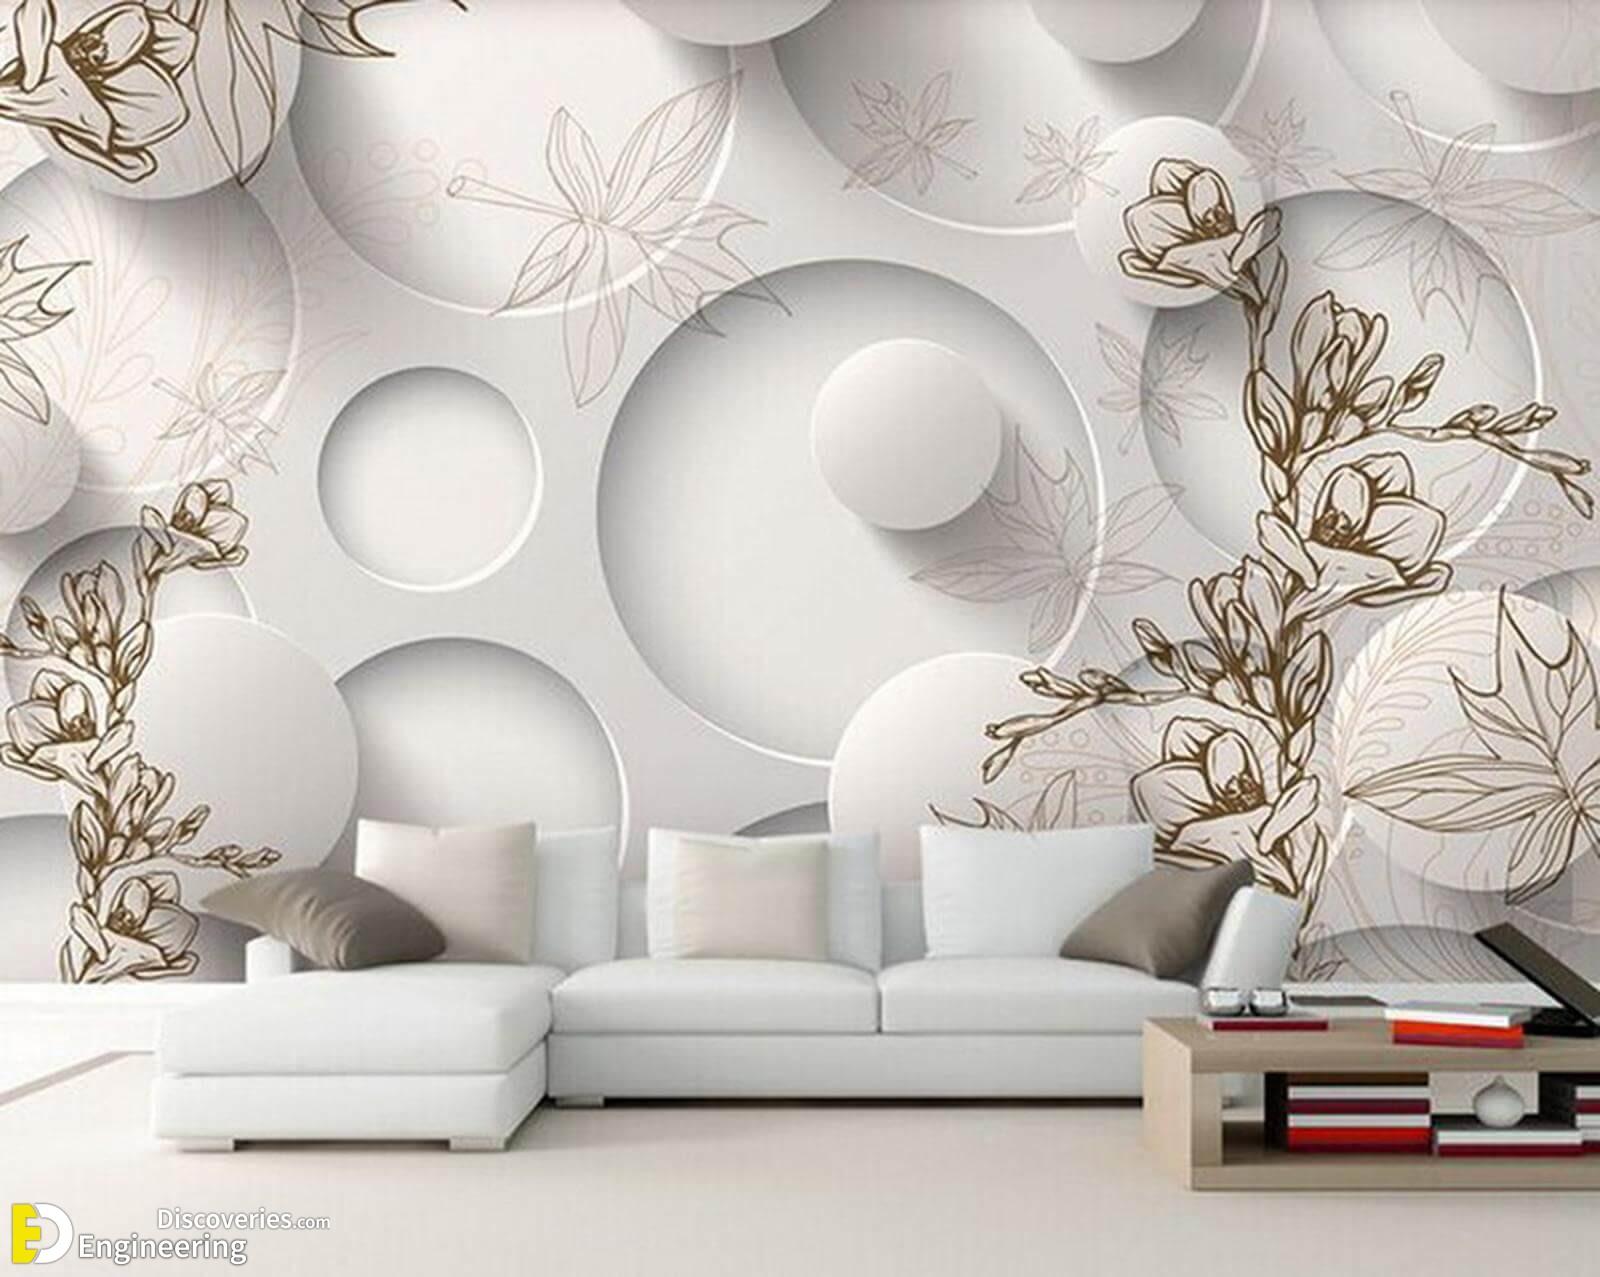 Modern Luxury 3D Wallpaper Circle Design for Living Room.jpg